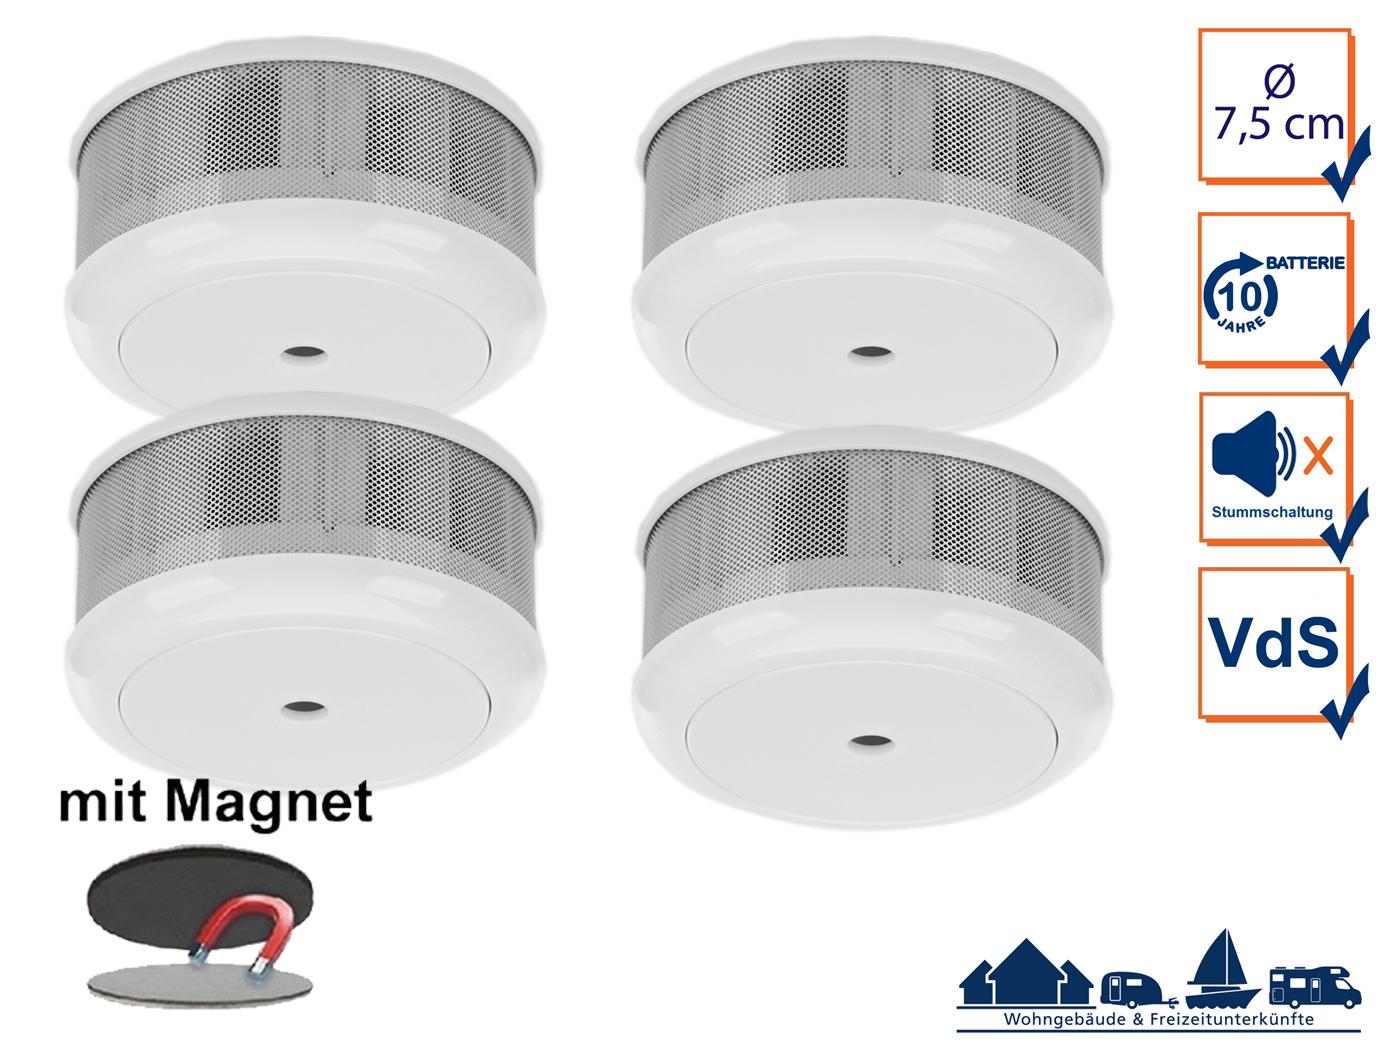 4er set mini 10 jahres rauchwarnmelder magnet set mit vds din en14604 ebay. Black Bedroom Furniture Sets. Home Design Ideas